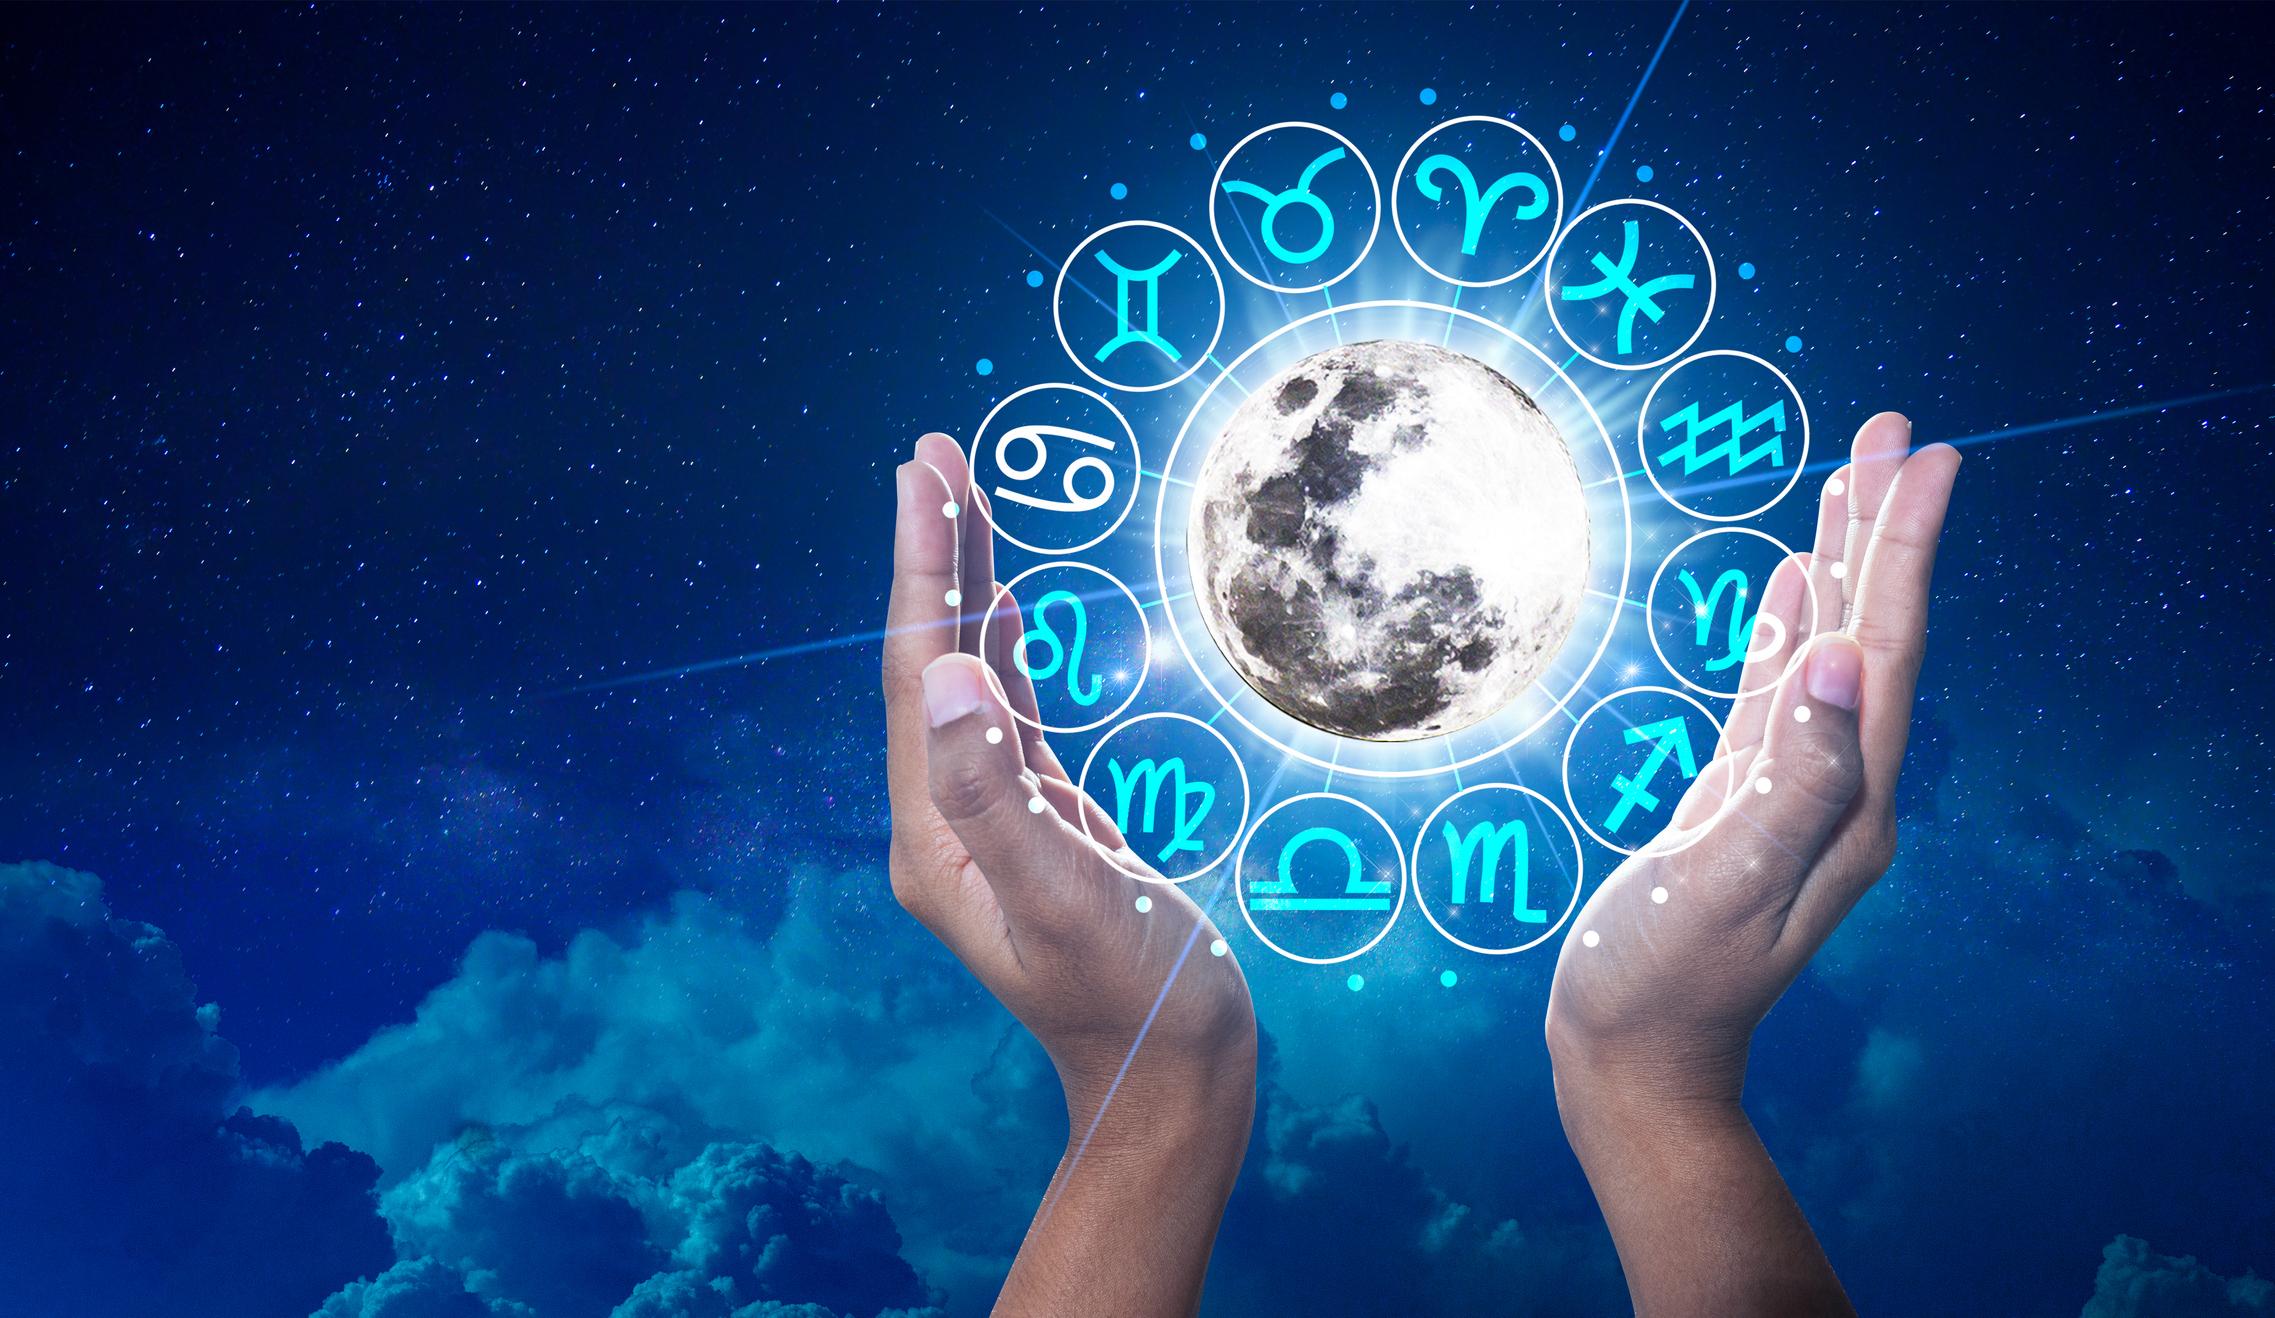 Horoszkóp: A férfi horoszkópja megmutatja, hogy melyik nőtől óvd a kapcsolatotokat